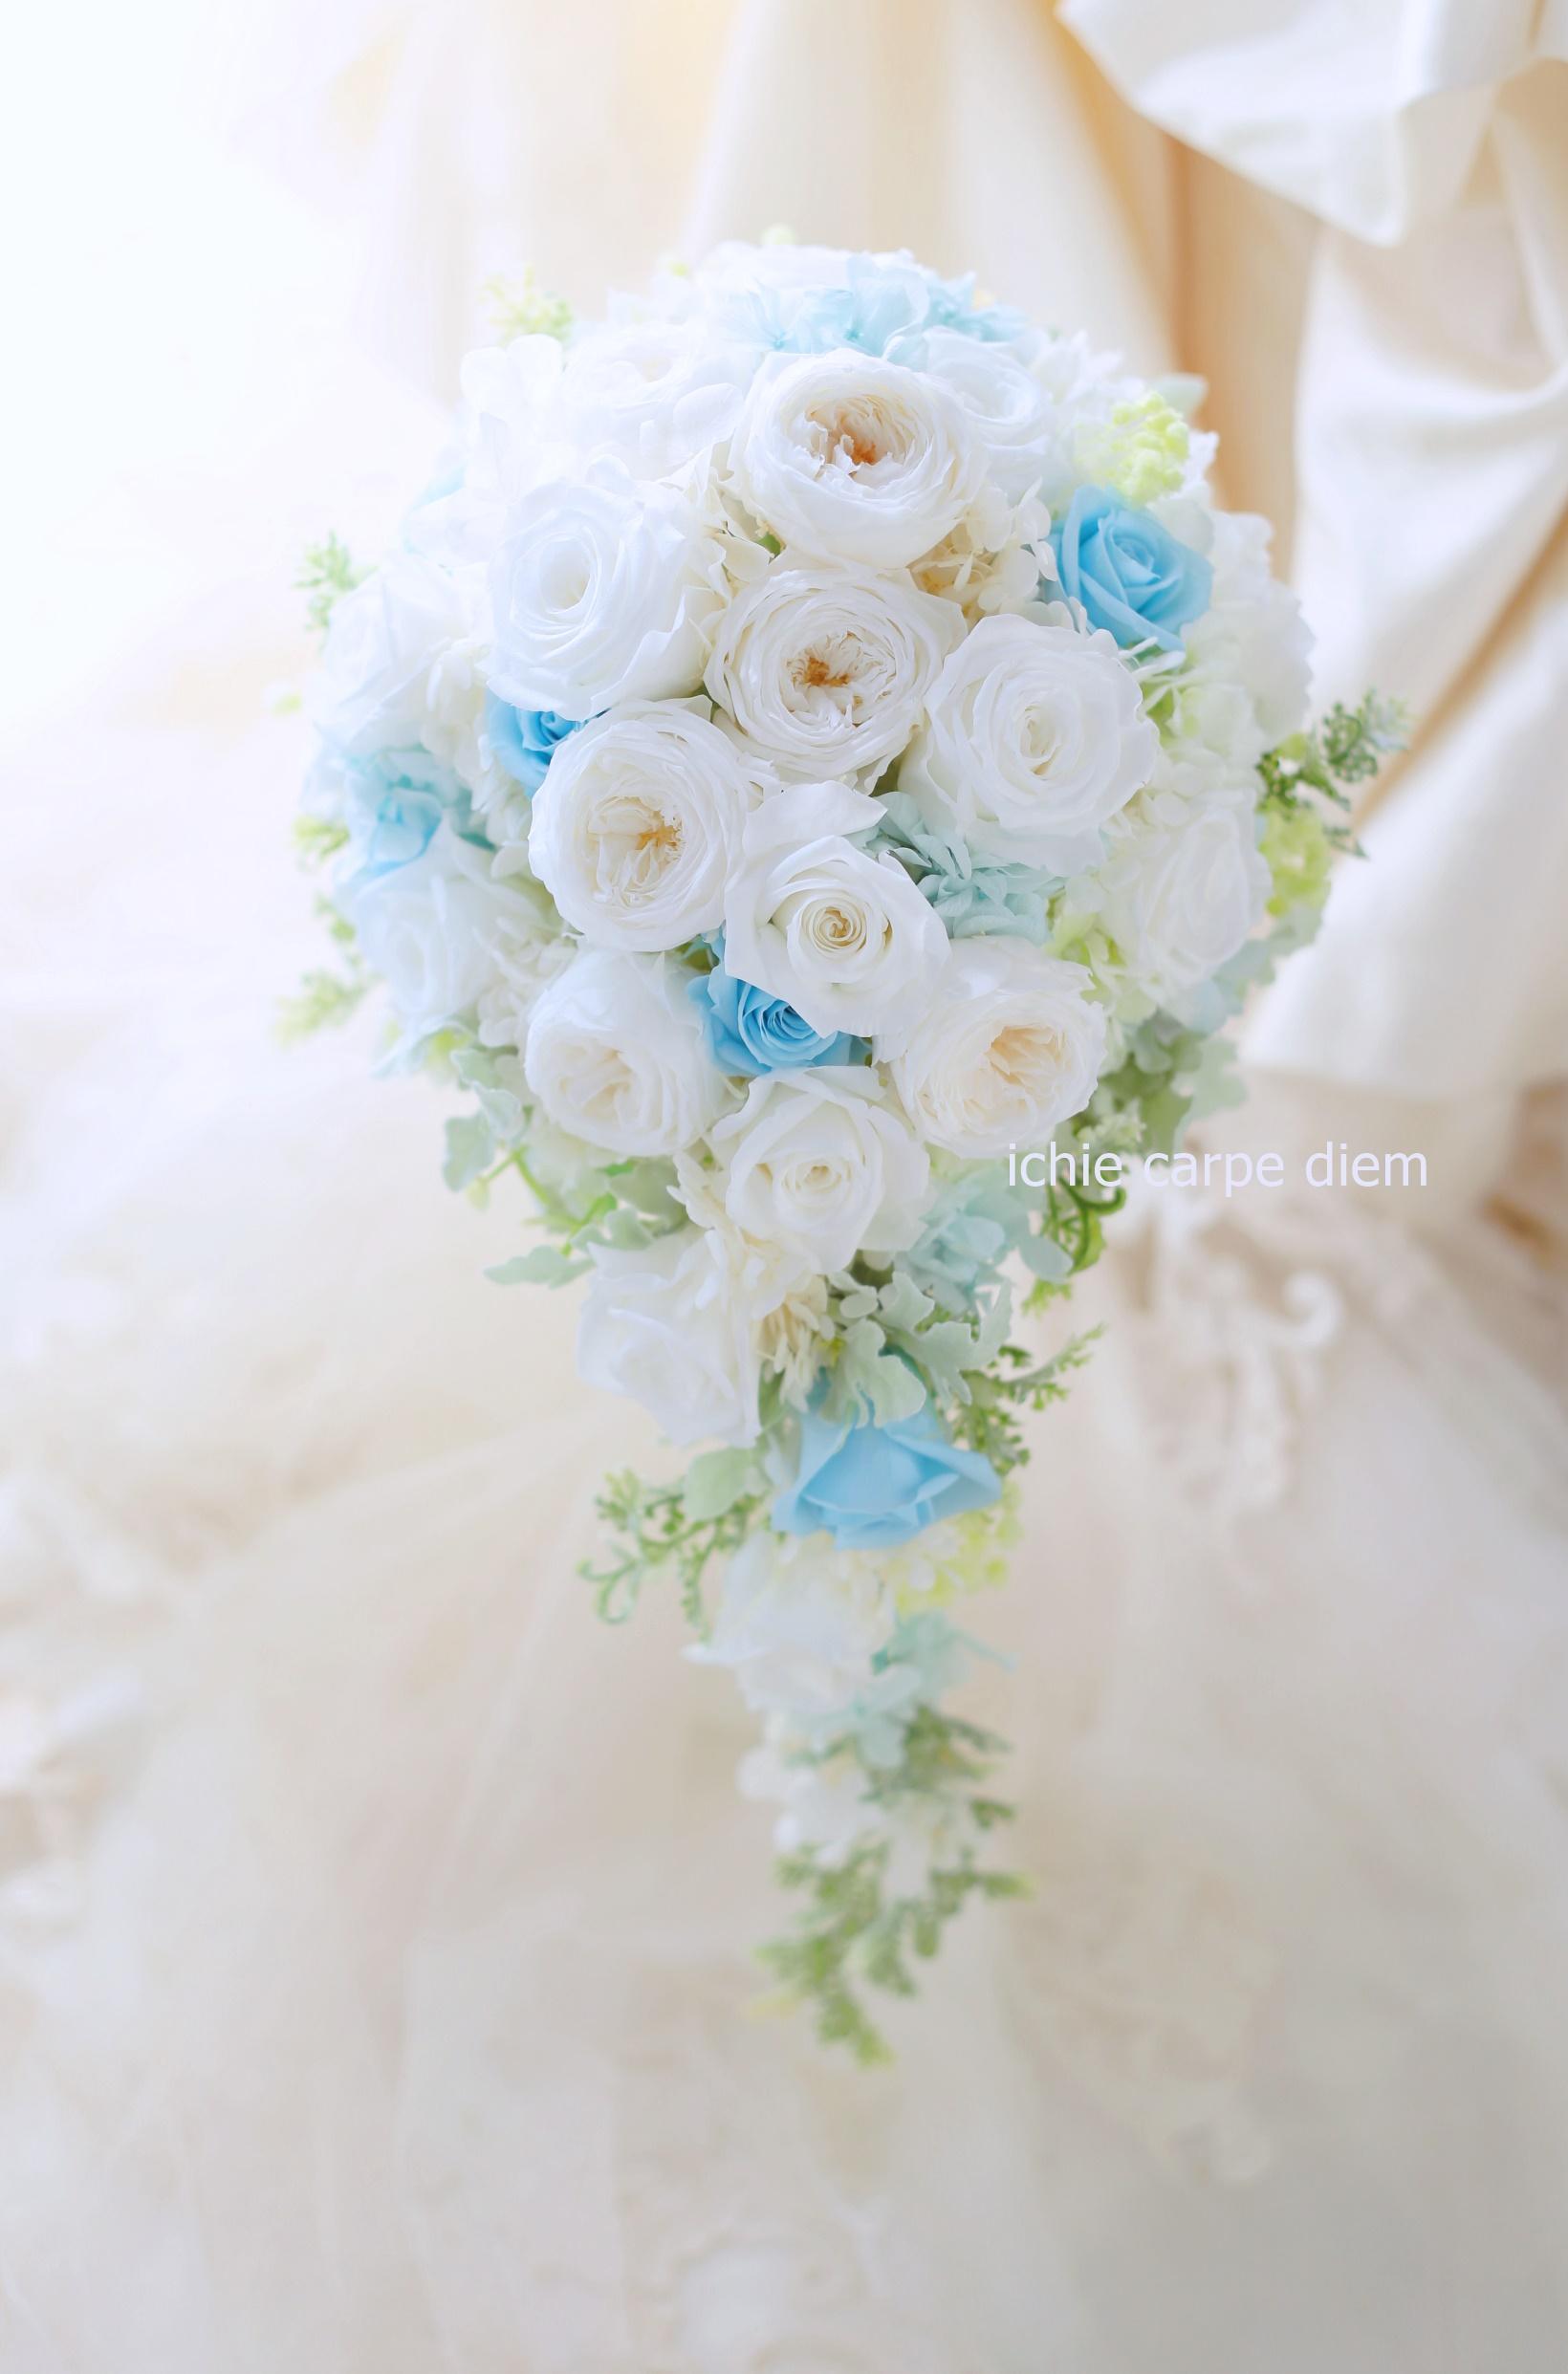 新郎新婦様からのメール フォトウエディングのためのブーケ、小さな結婚式様へ_a0042928_2383998.jpg